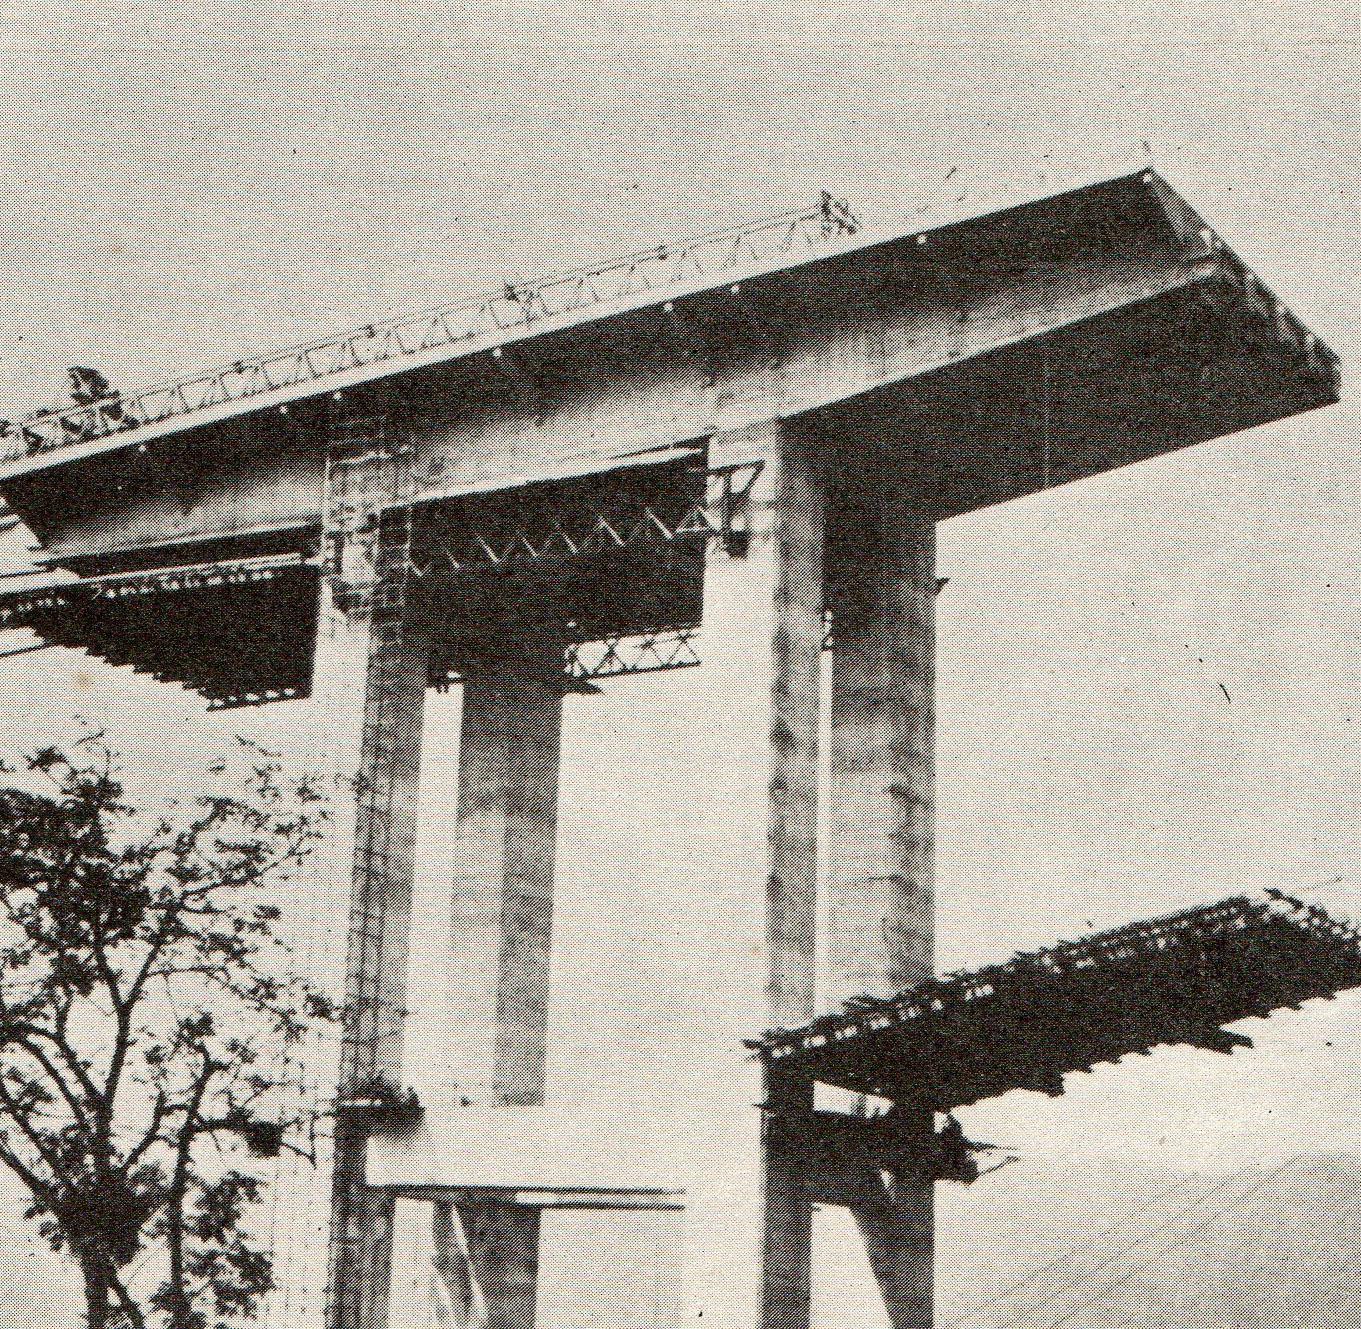 Construção da Rodovia dos Imigrantes na década de 70. Fonte: DERSA.